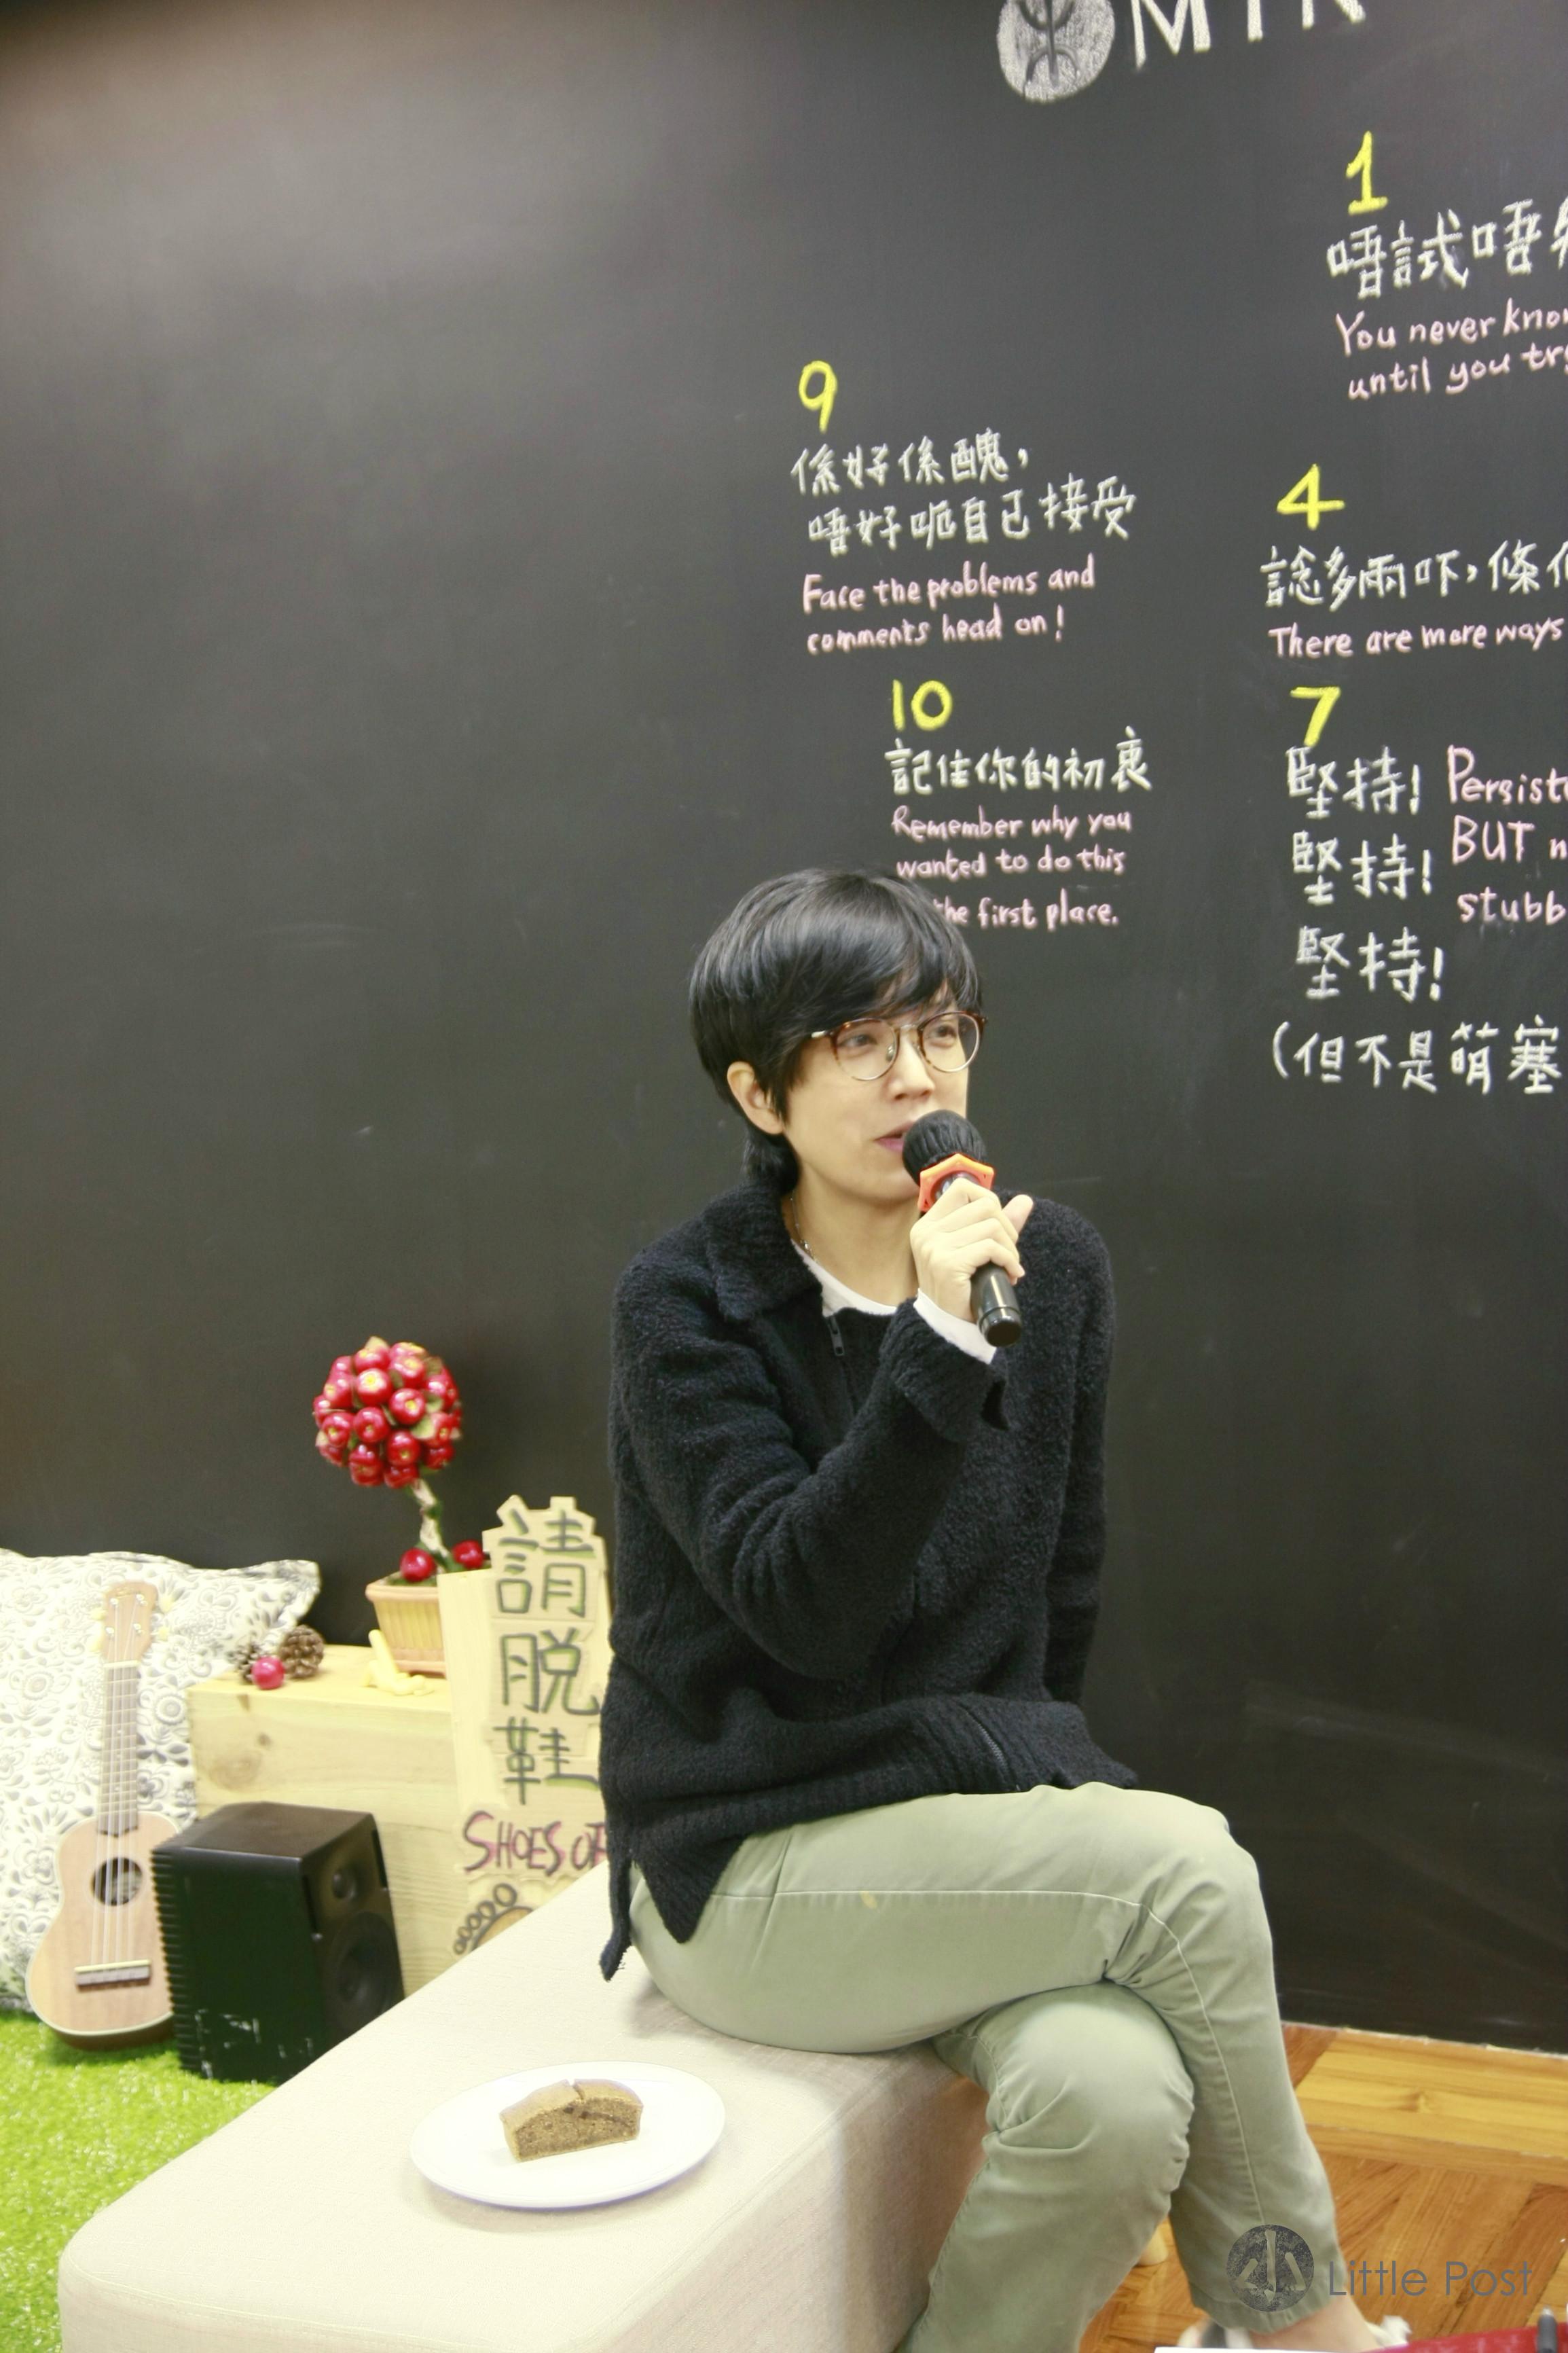 Mi愛製作香港口味的甜點,但坦言也有失敗作品如年糕蛋糕,嚇怕了試味的朋友。